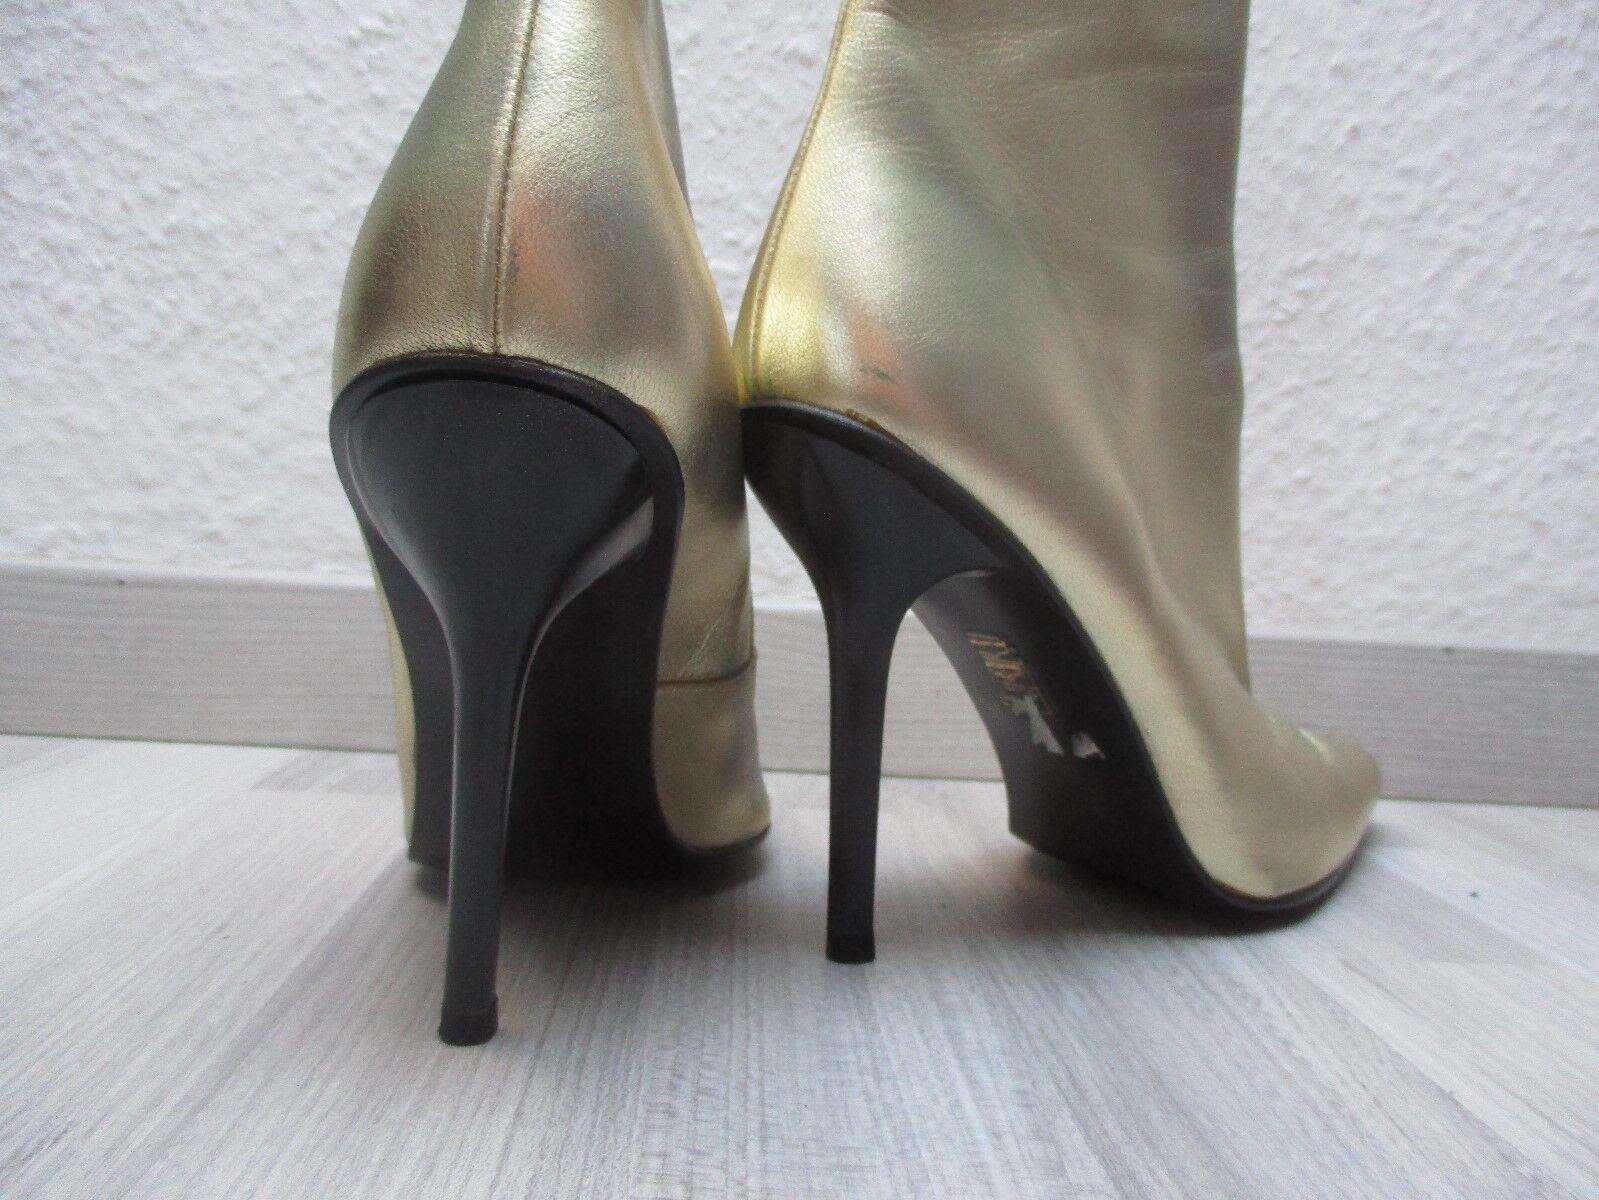 für Liebhaber: GOLDENE Buffalo Leder Stiefel 11 cm Absätze GETRAGEN